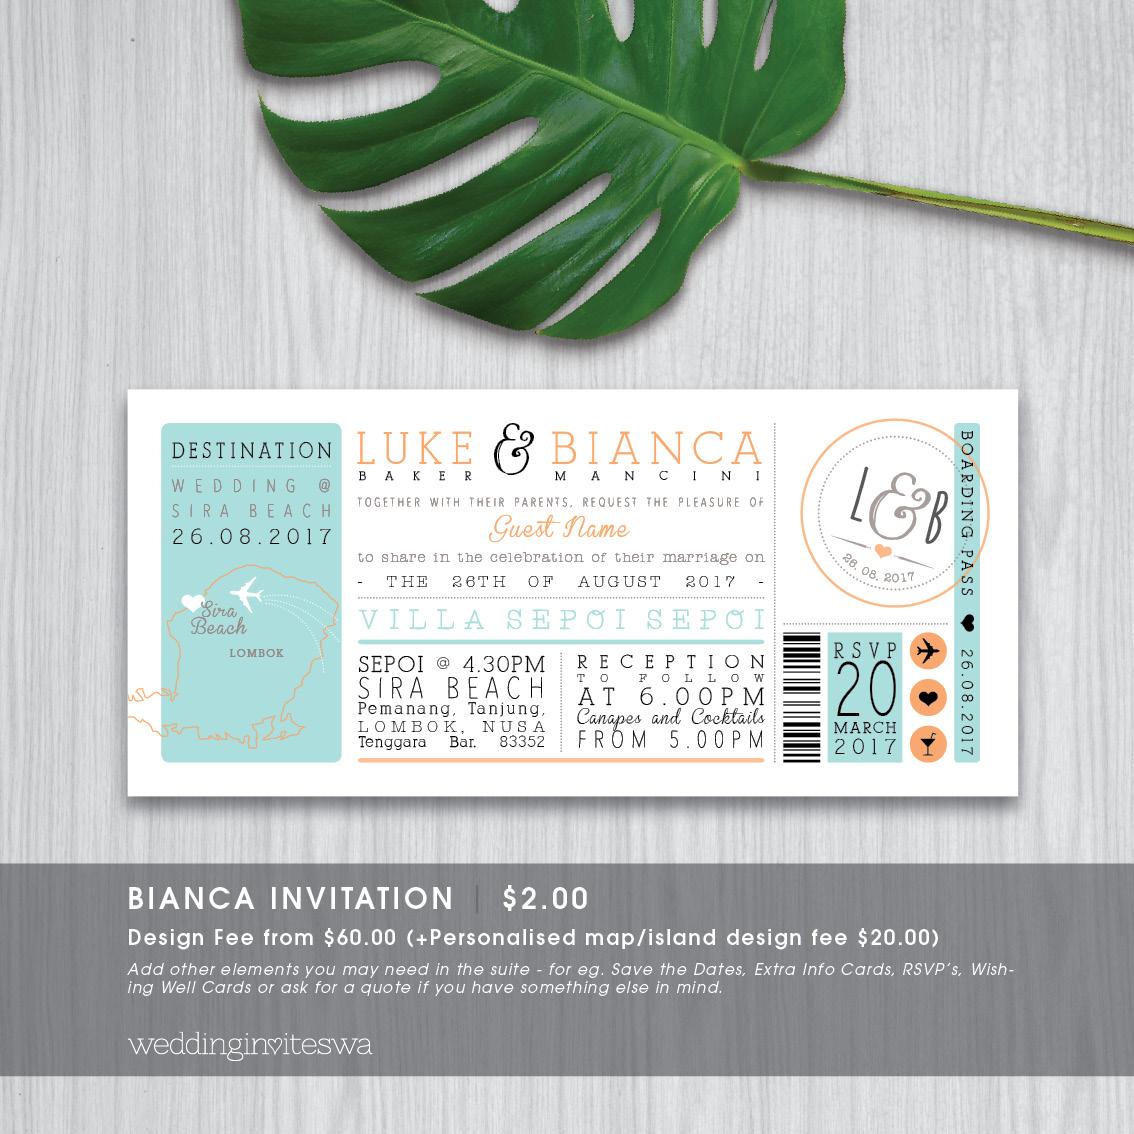 BIANCA_invite